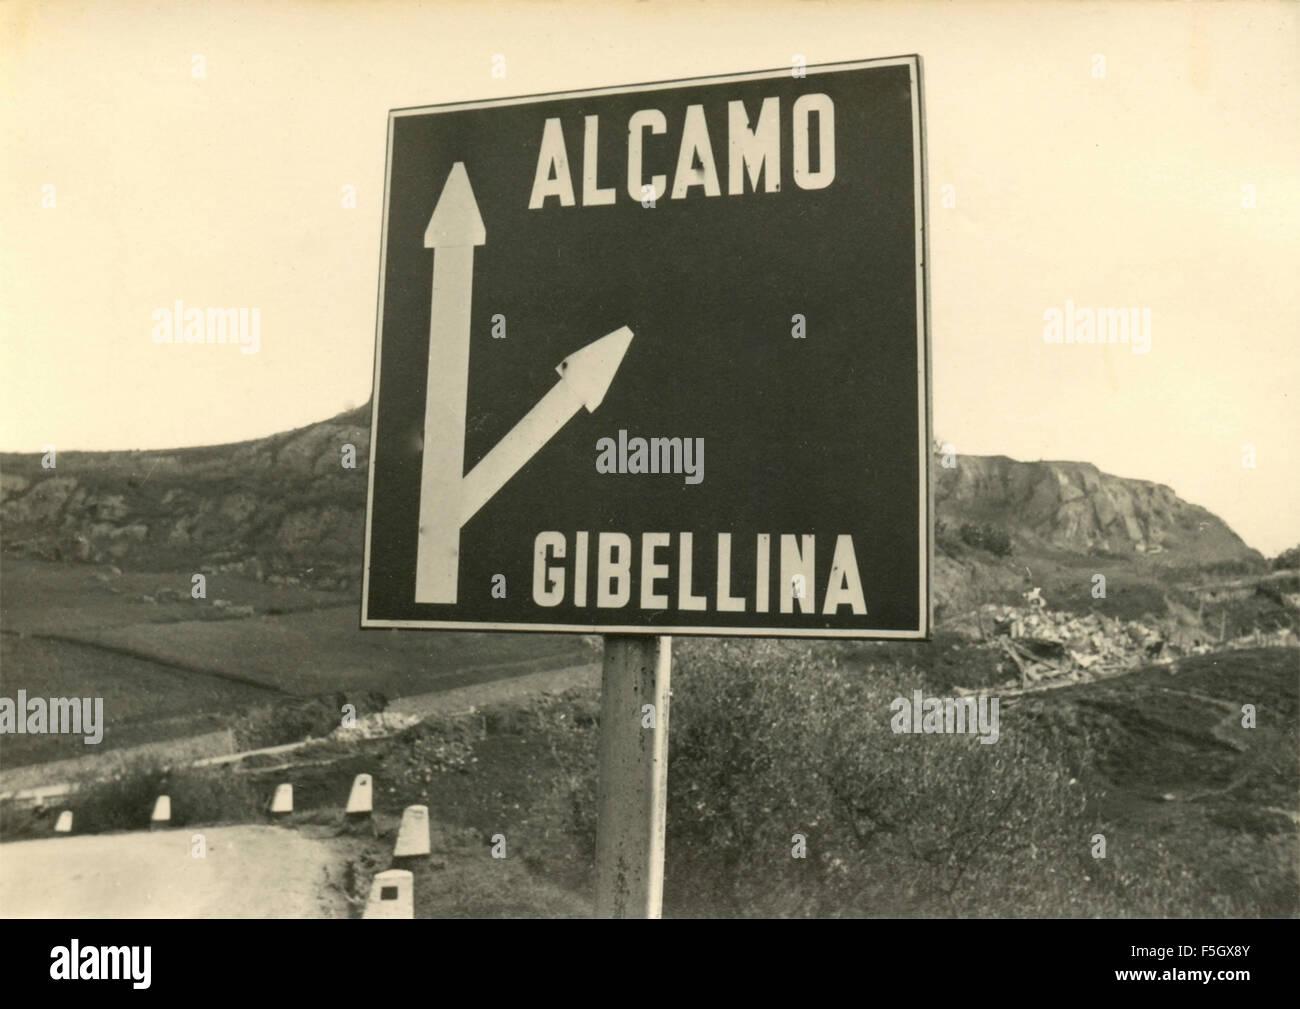 Belice earthquake of January 1968 : Crossroad Alcamo - Gibellina - Stock Image